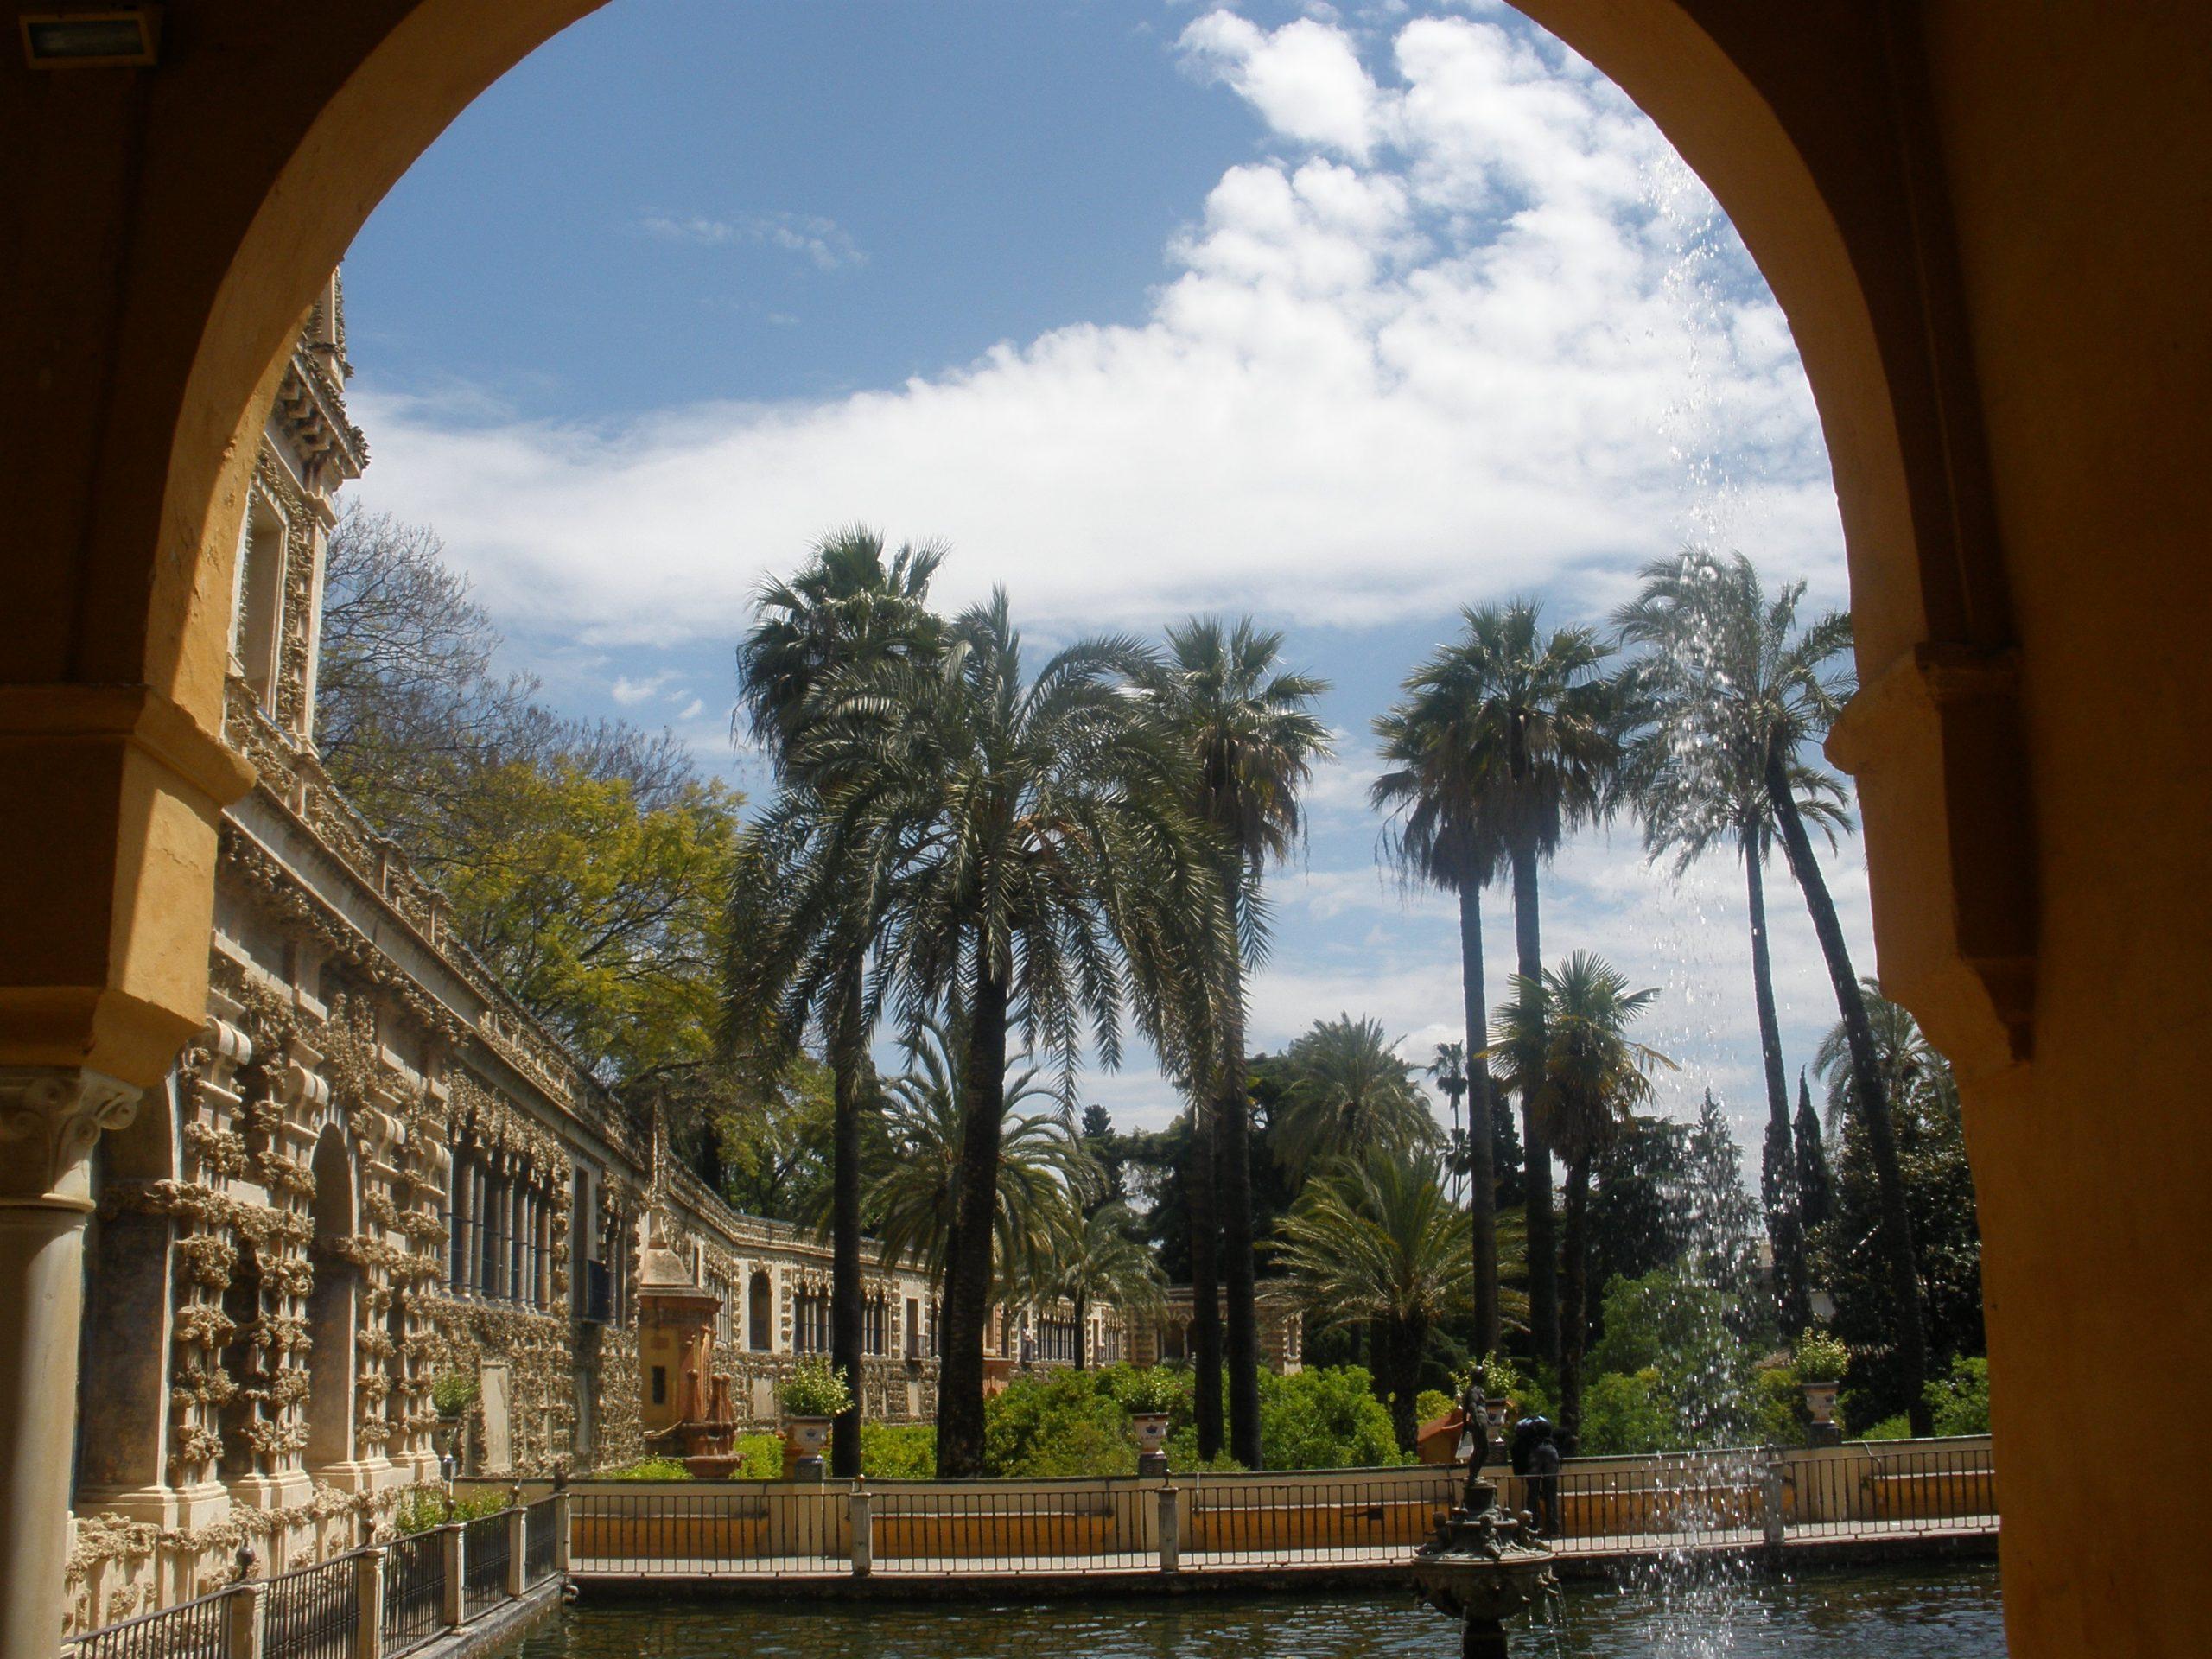 Real_Alcazar_tuinen_Sevilla_stedentrip